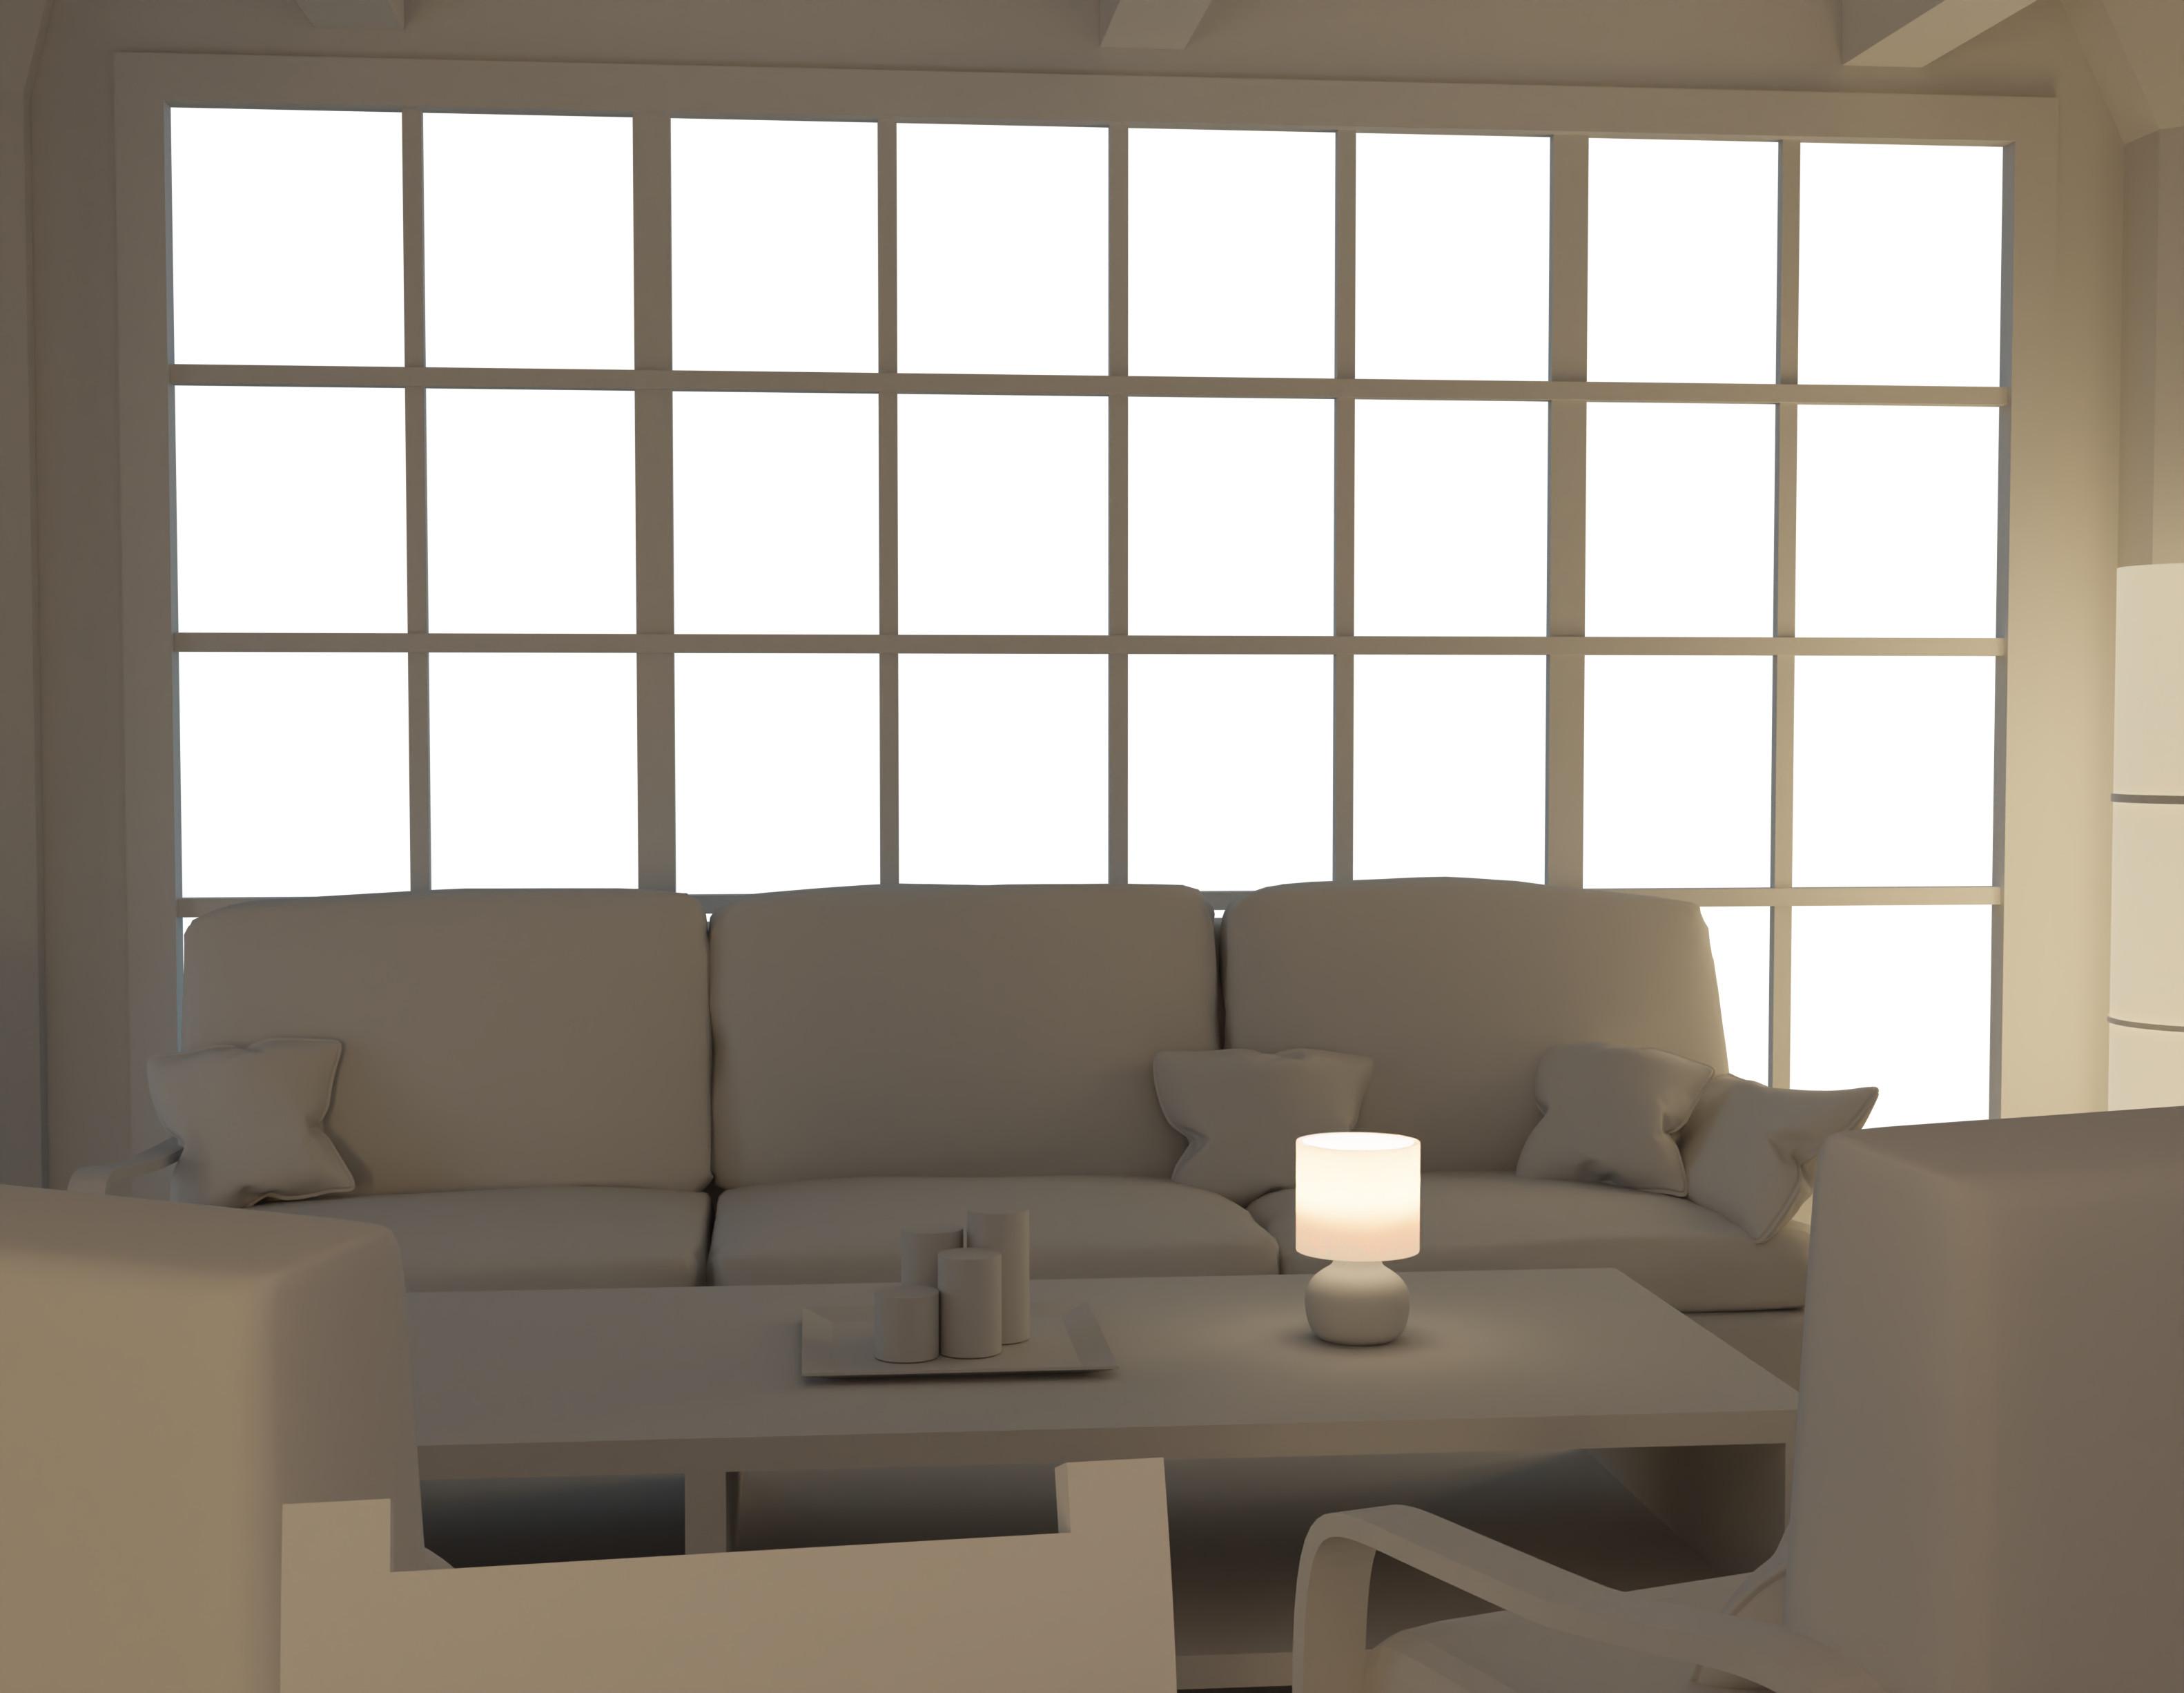 Living room - 3d base